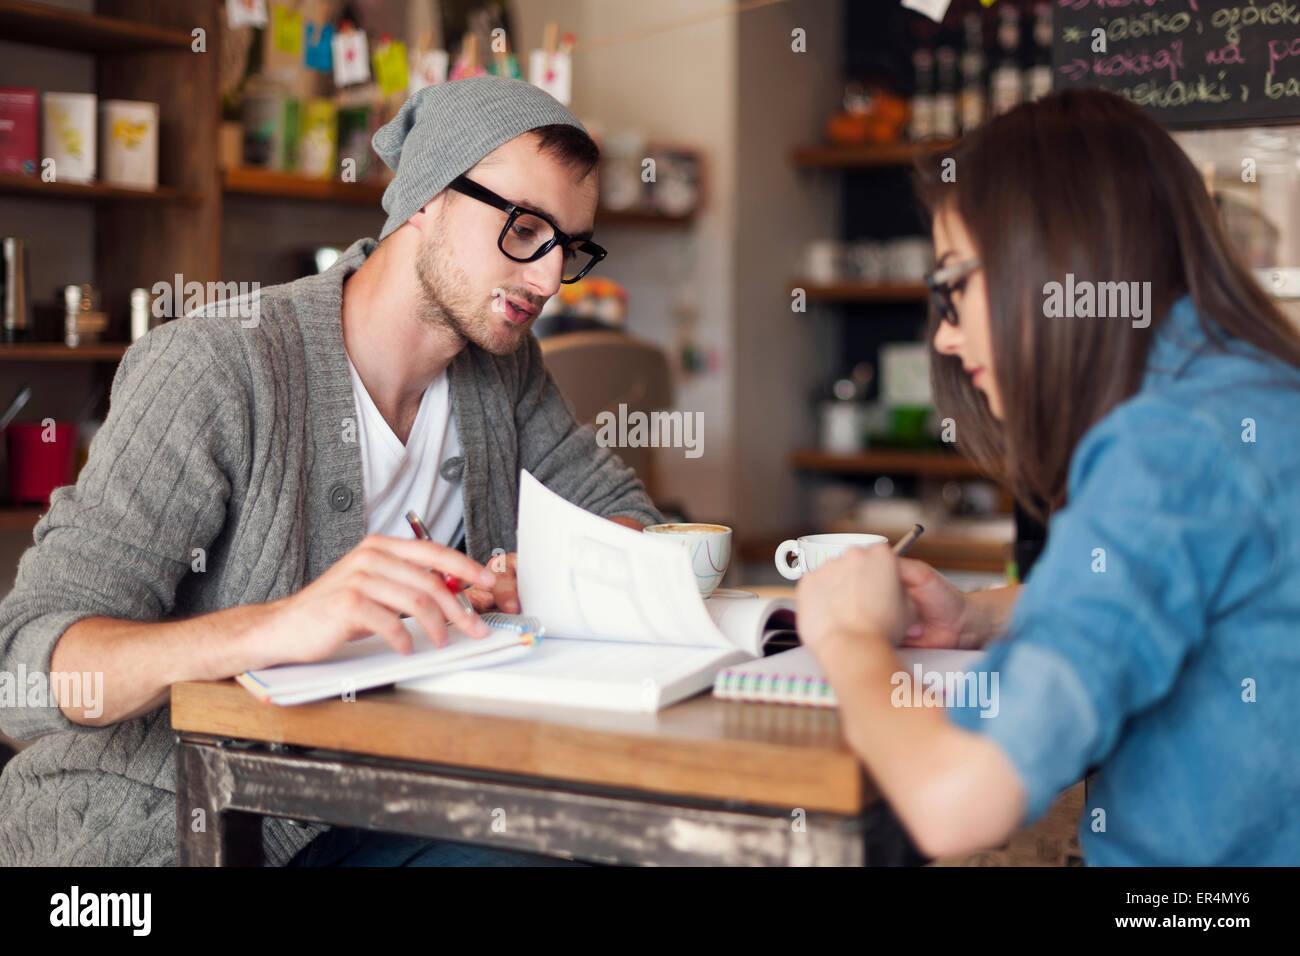 Centrar los estudiantes universitarios se preparan para los exámenes en el cafe. Cracovia, Polonia Imagen De Stock